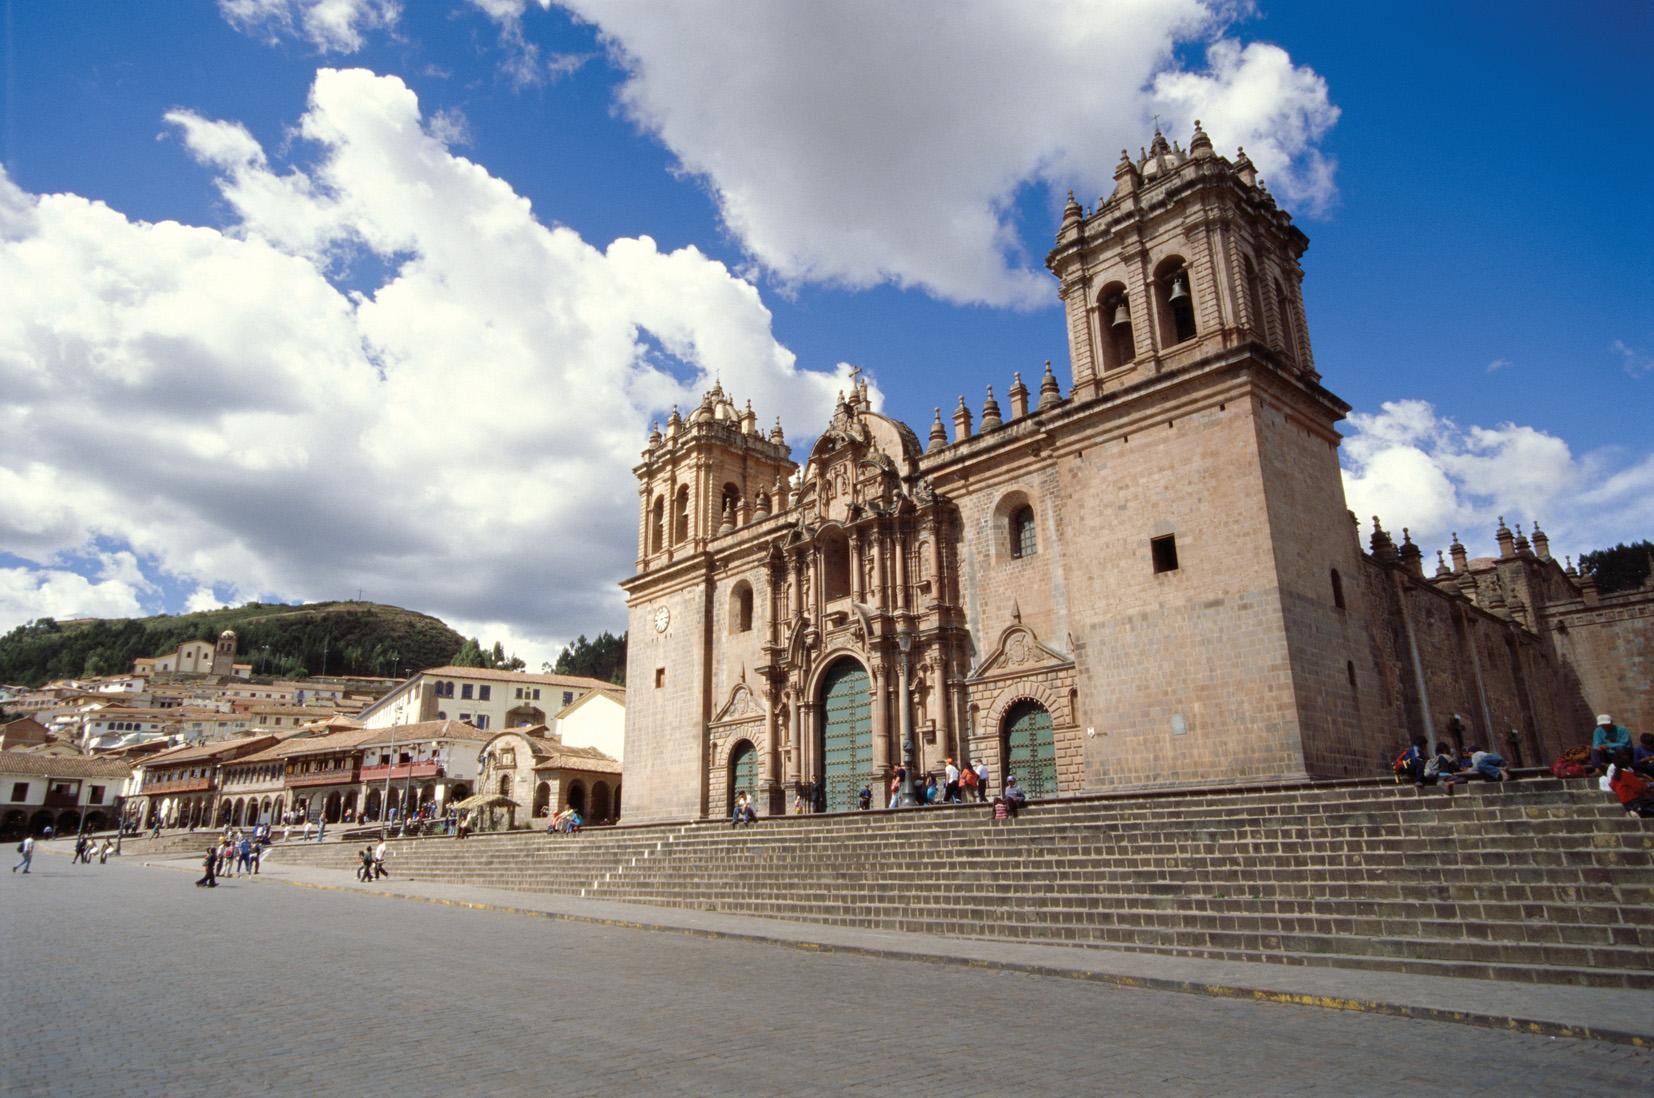 Outside View of Church in Cusco Peru